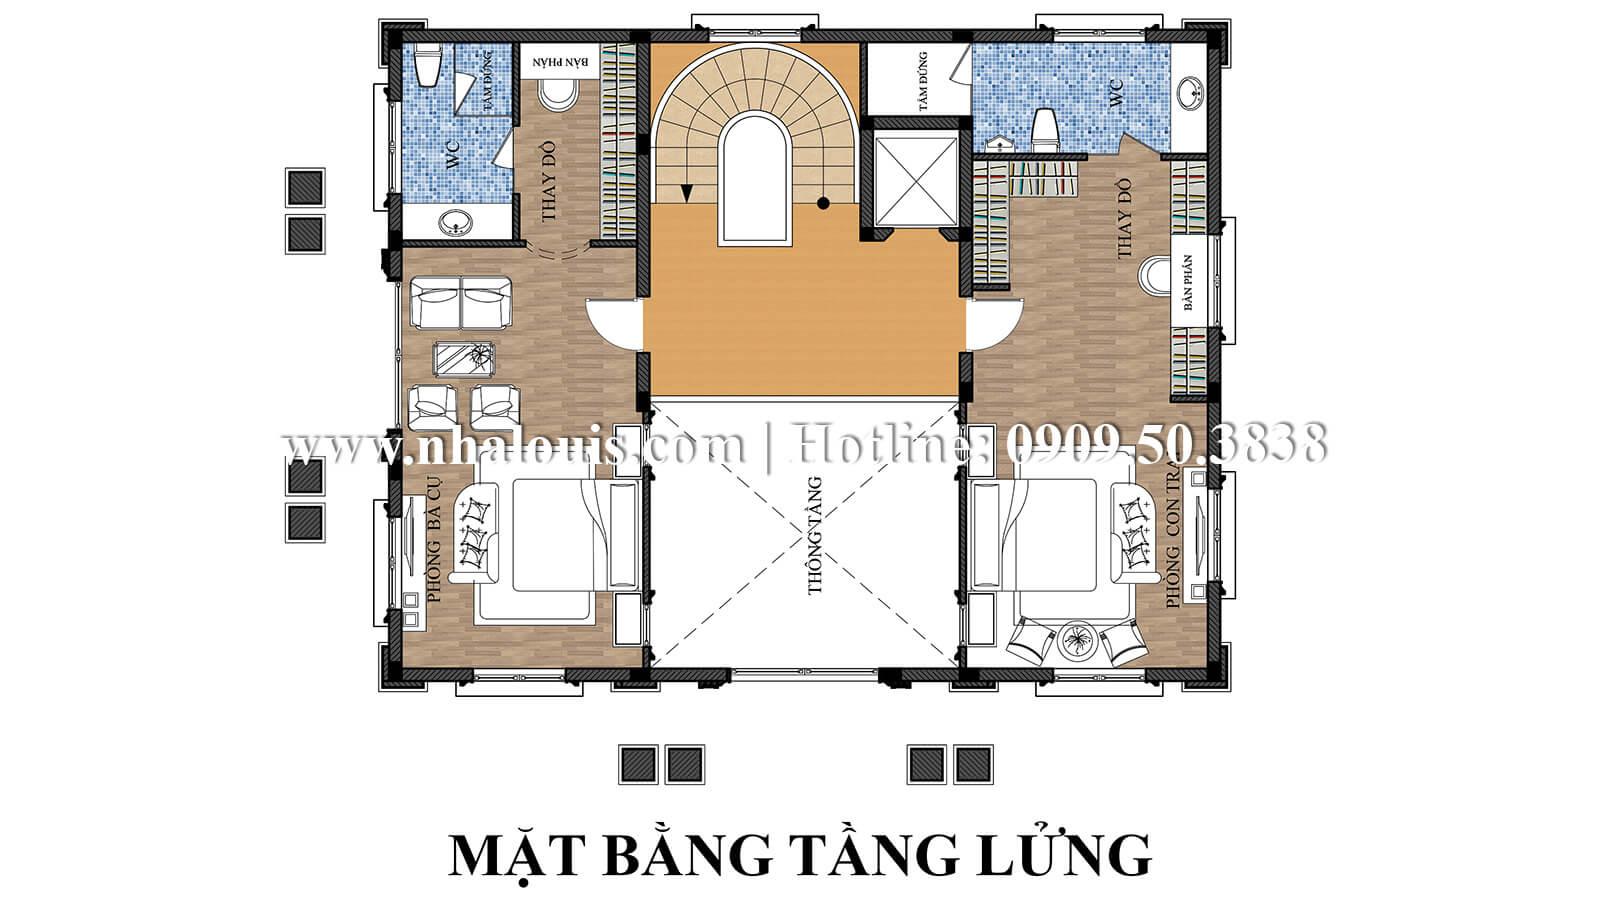 Mặt bằng tầng lửng thiết kế biệt thự kiểu pháp 4 tầng tuyệt đẹp tại quận 9